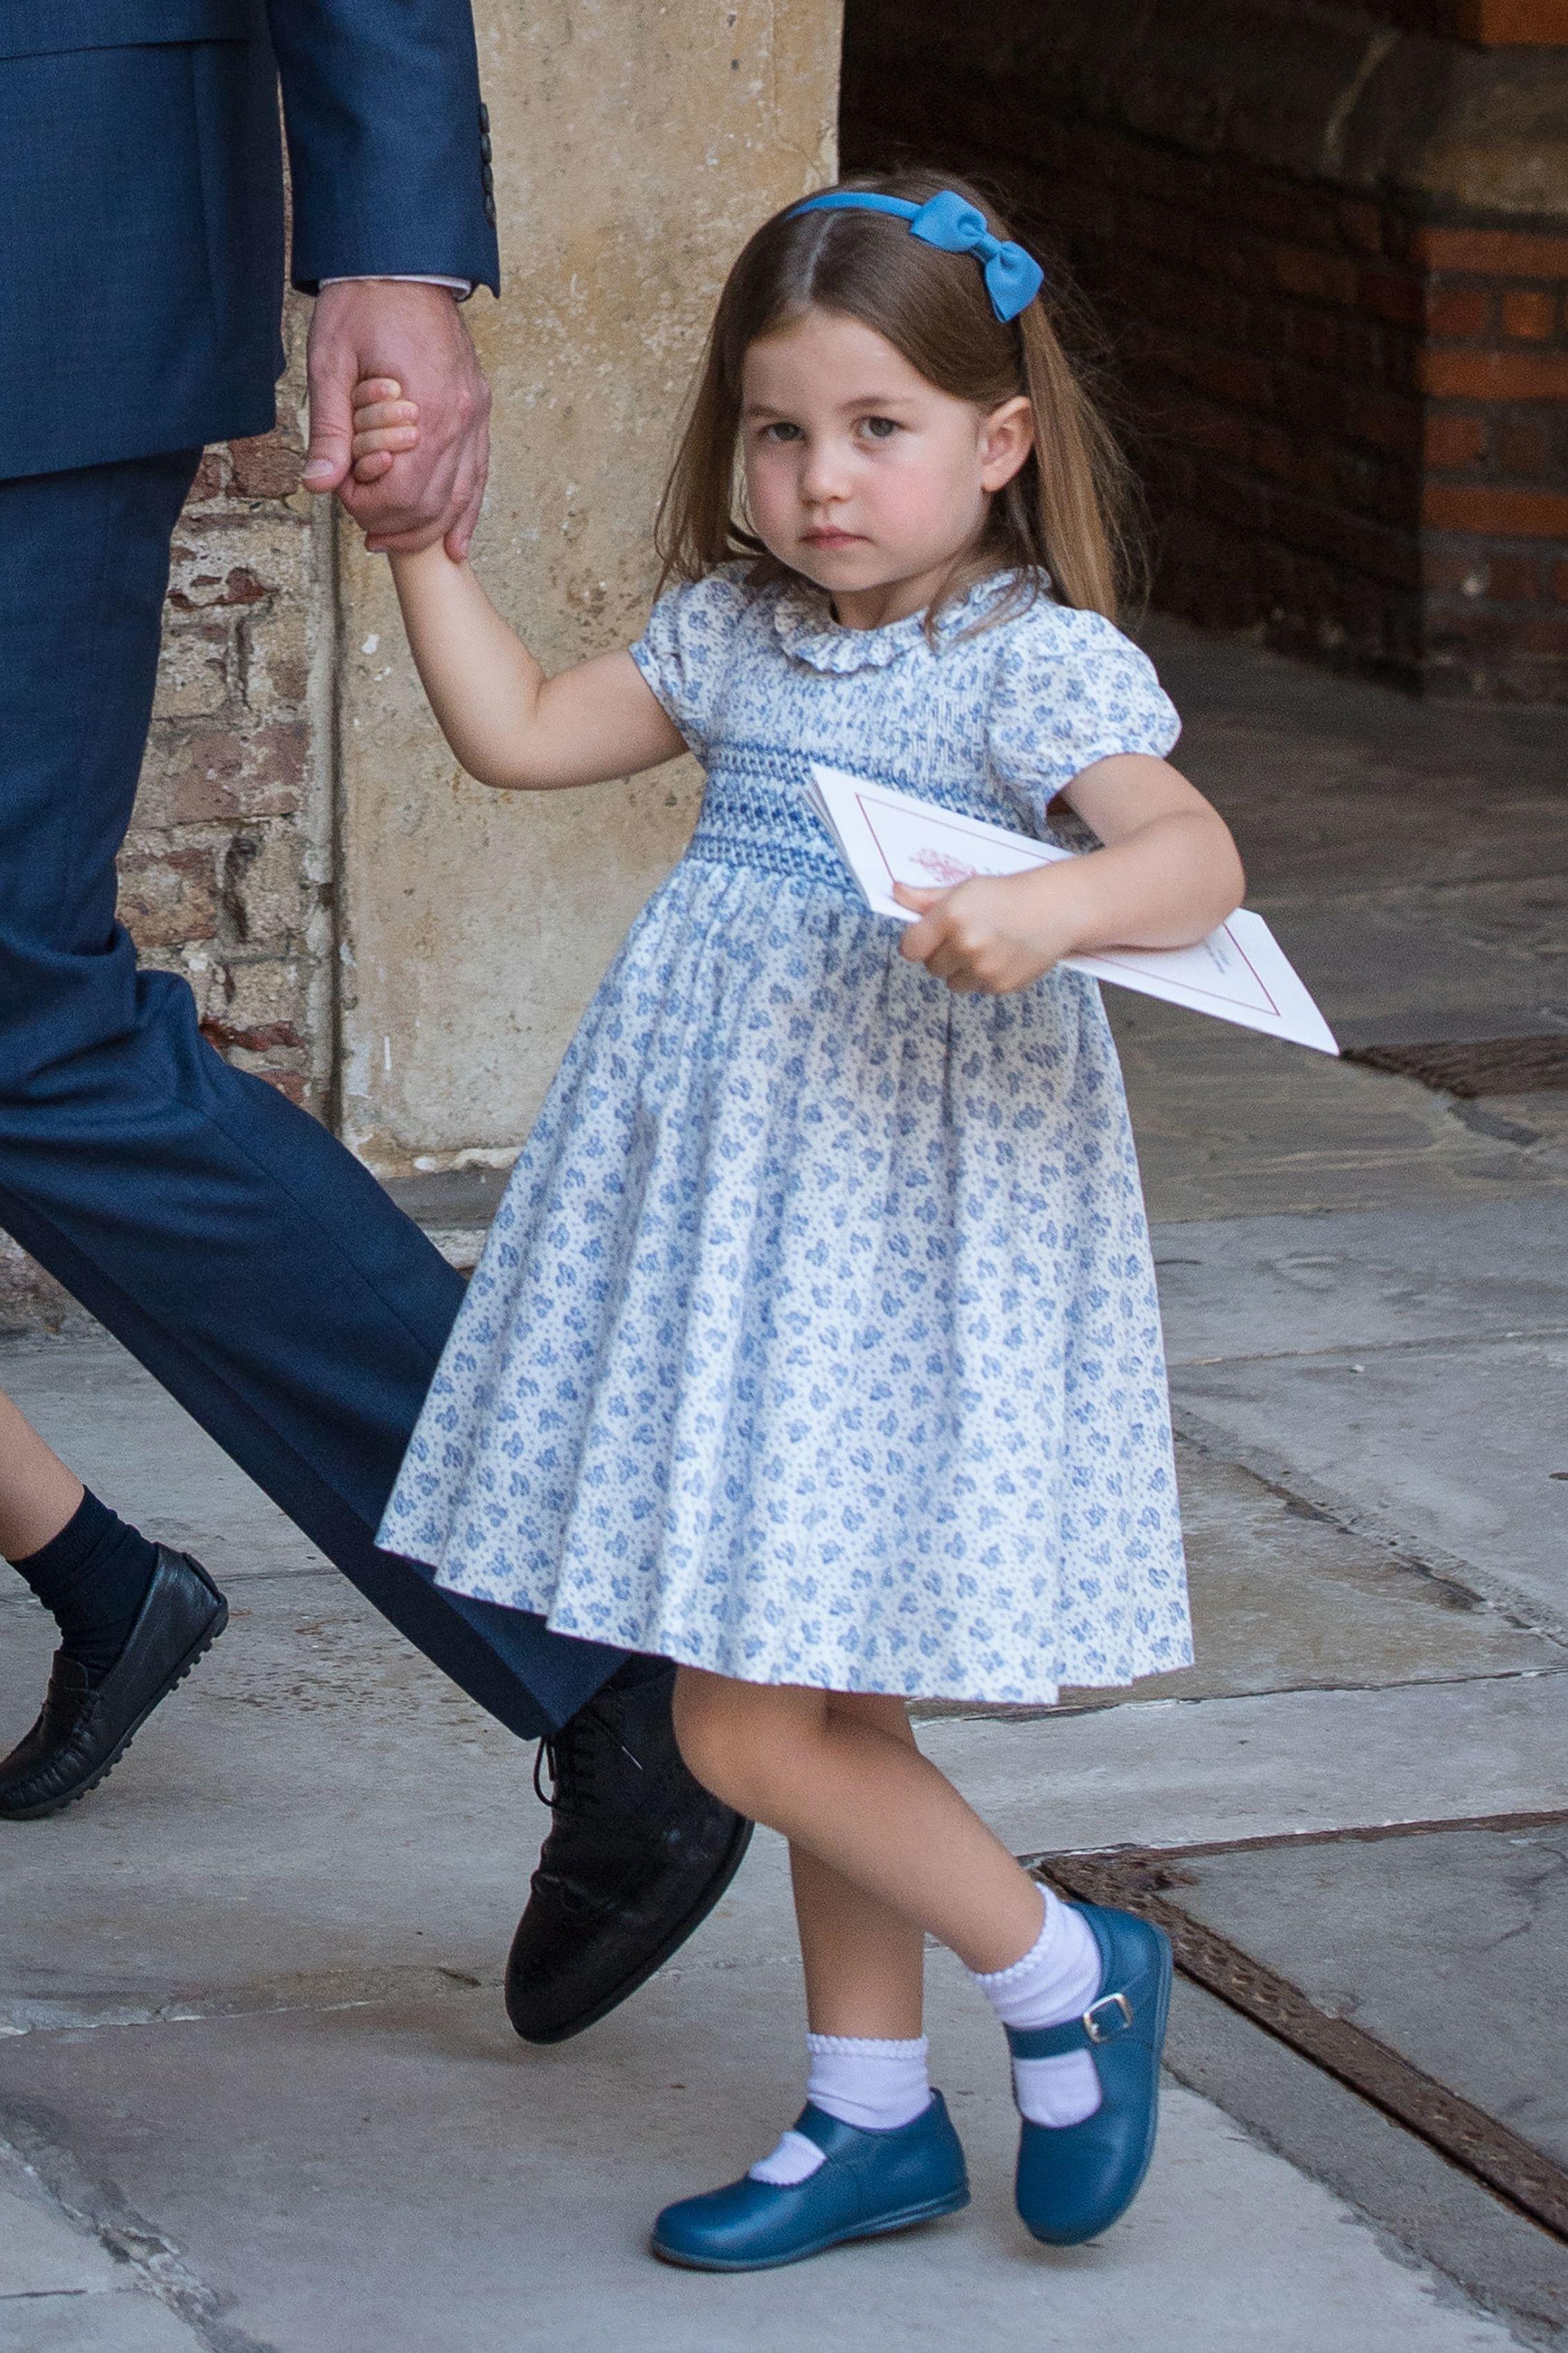 英國皇室,夏綠蒂公主,夏綠蒂小公主,喬治王子,喬治小王子